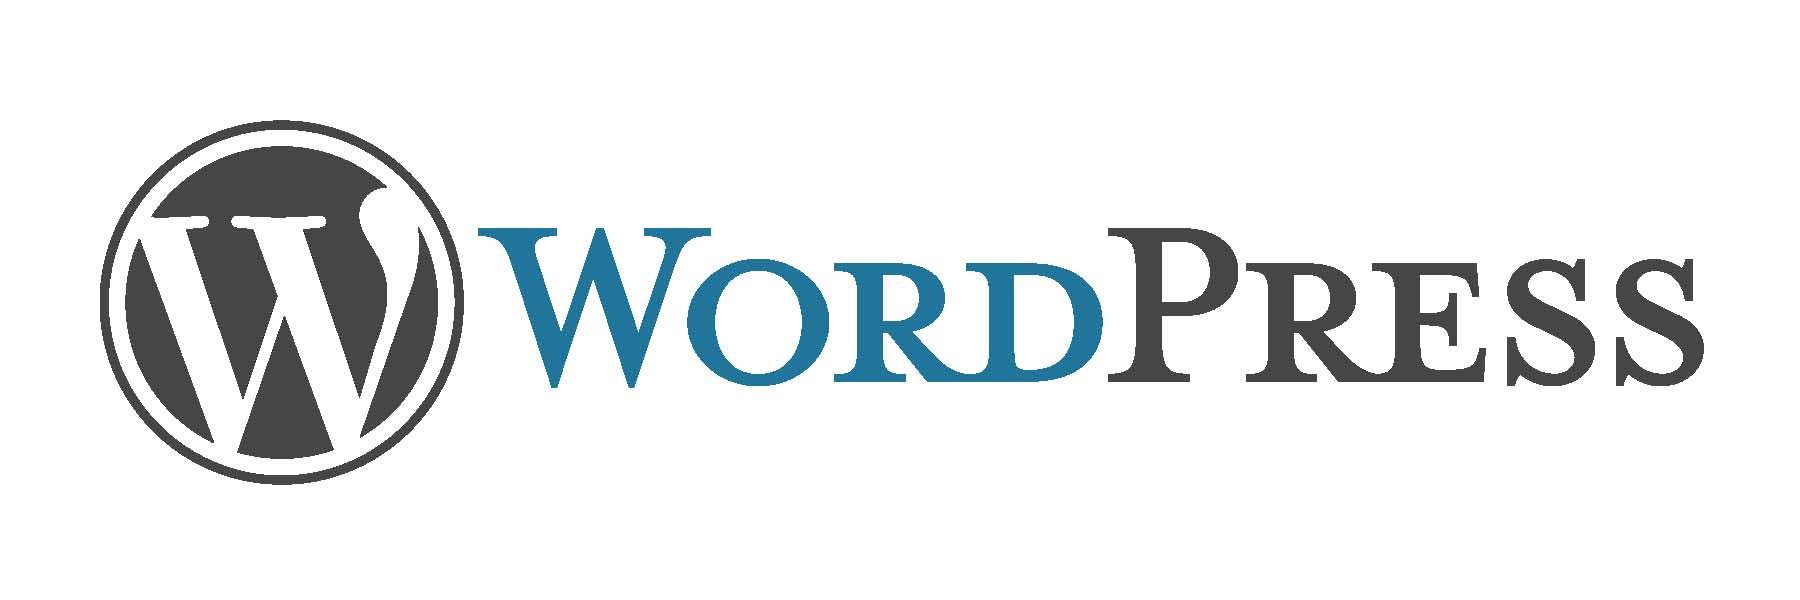 Wieso wir Wordpress sowohl als Blog- als auch als CMS-System empfehlen